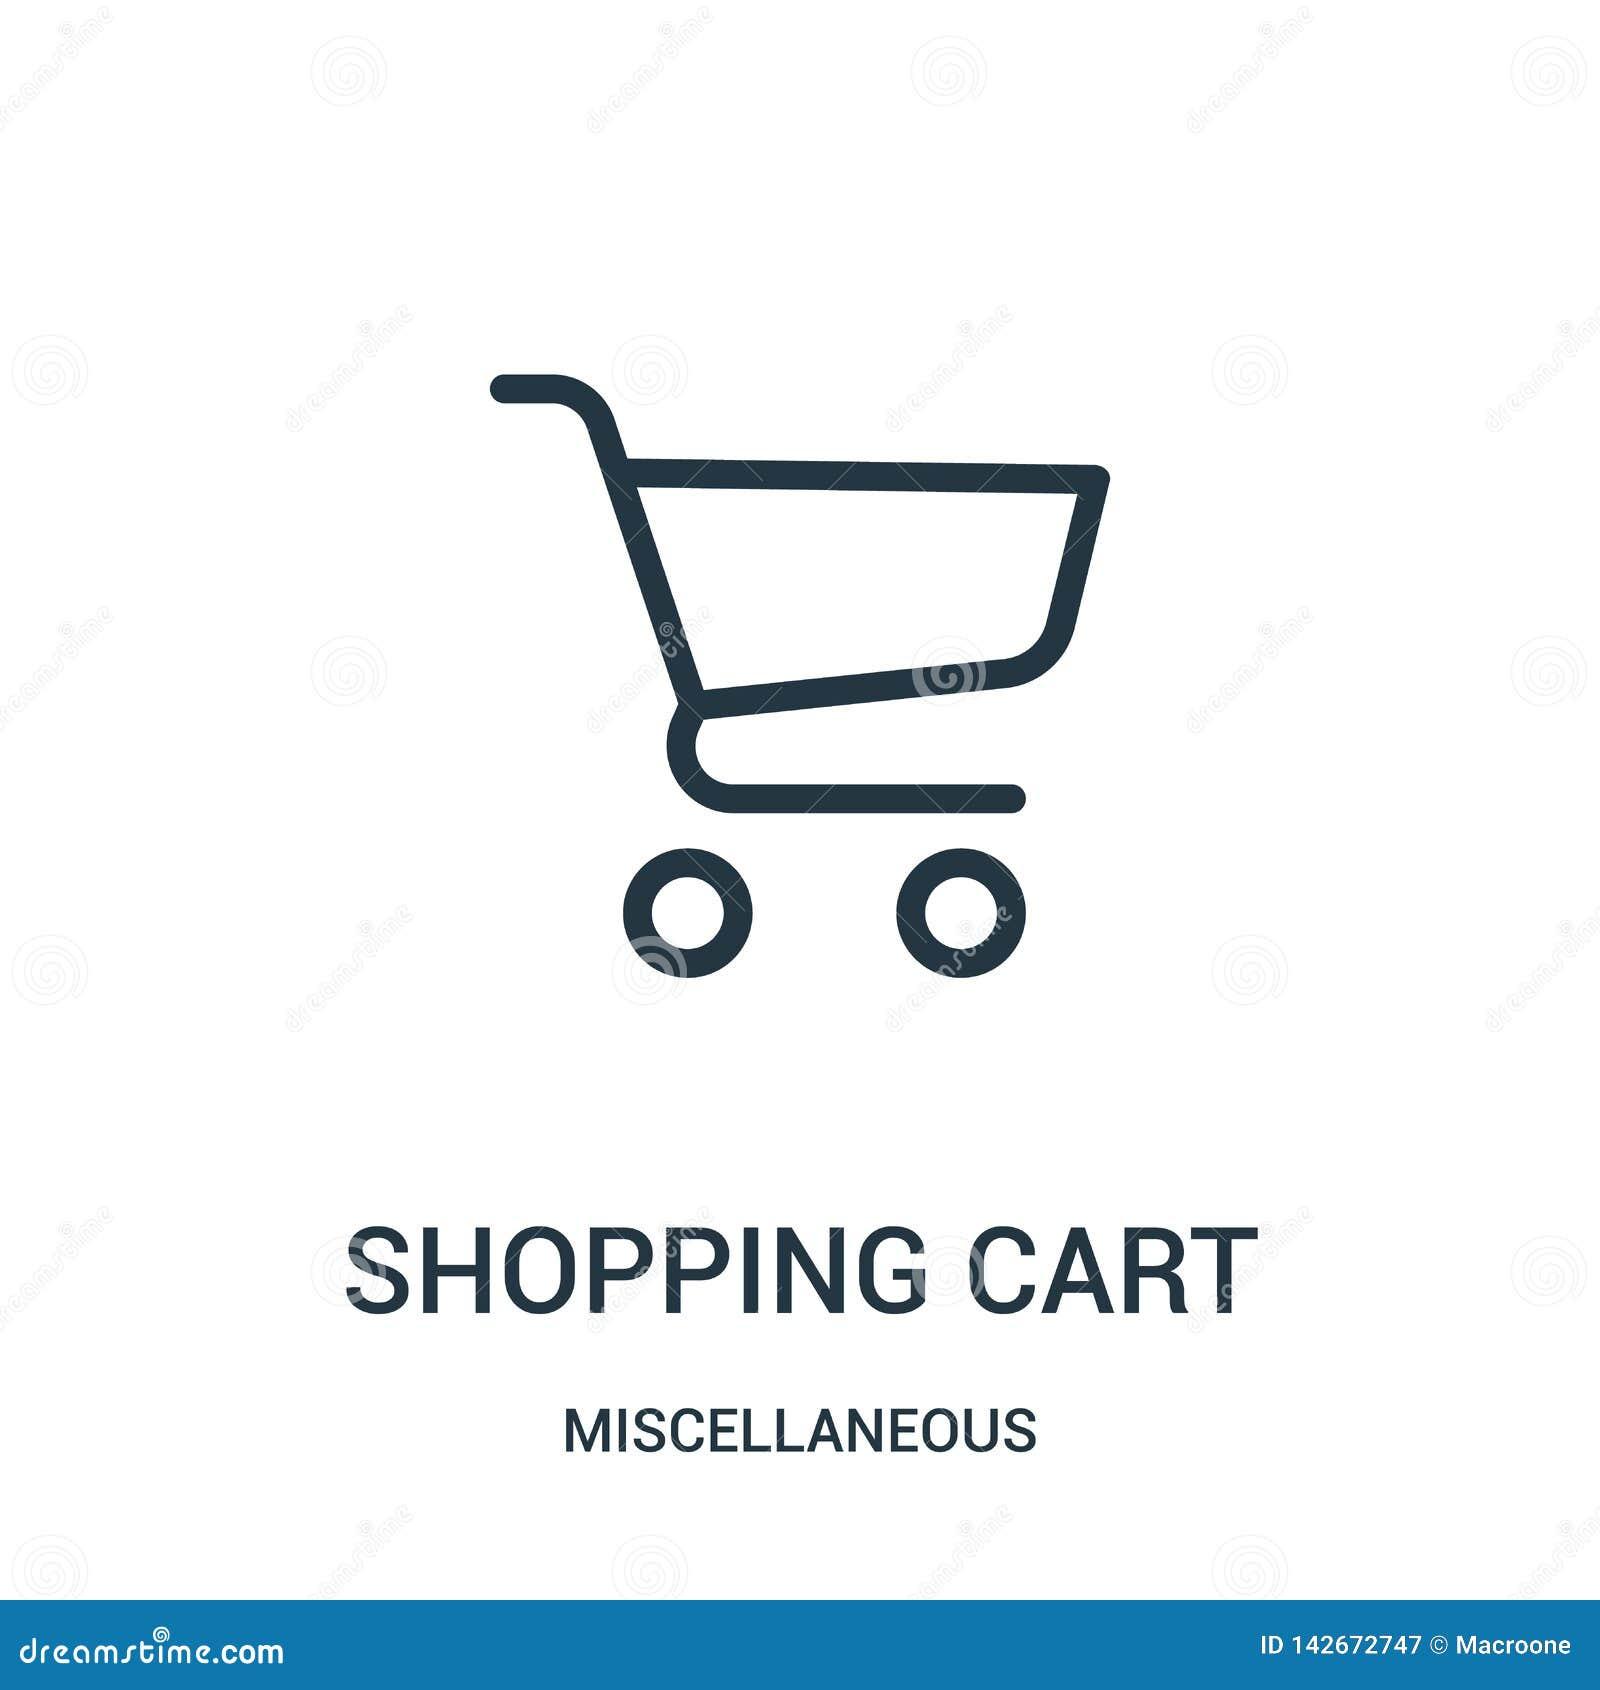 Vetor do ícone do carrinho de compras da coleção variada Linha fina ilustração do vetor do ícone do esboço do carrinho de compras